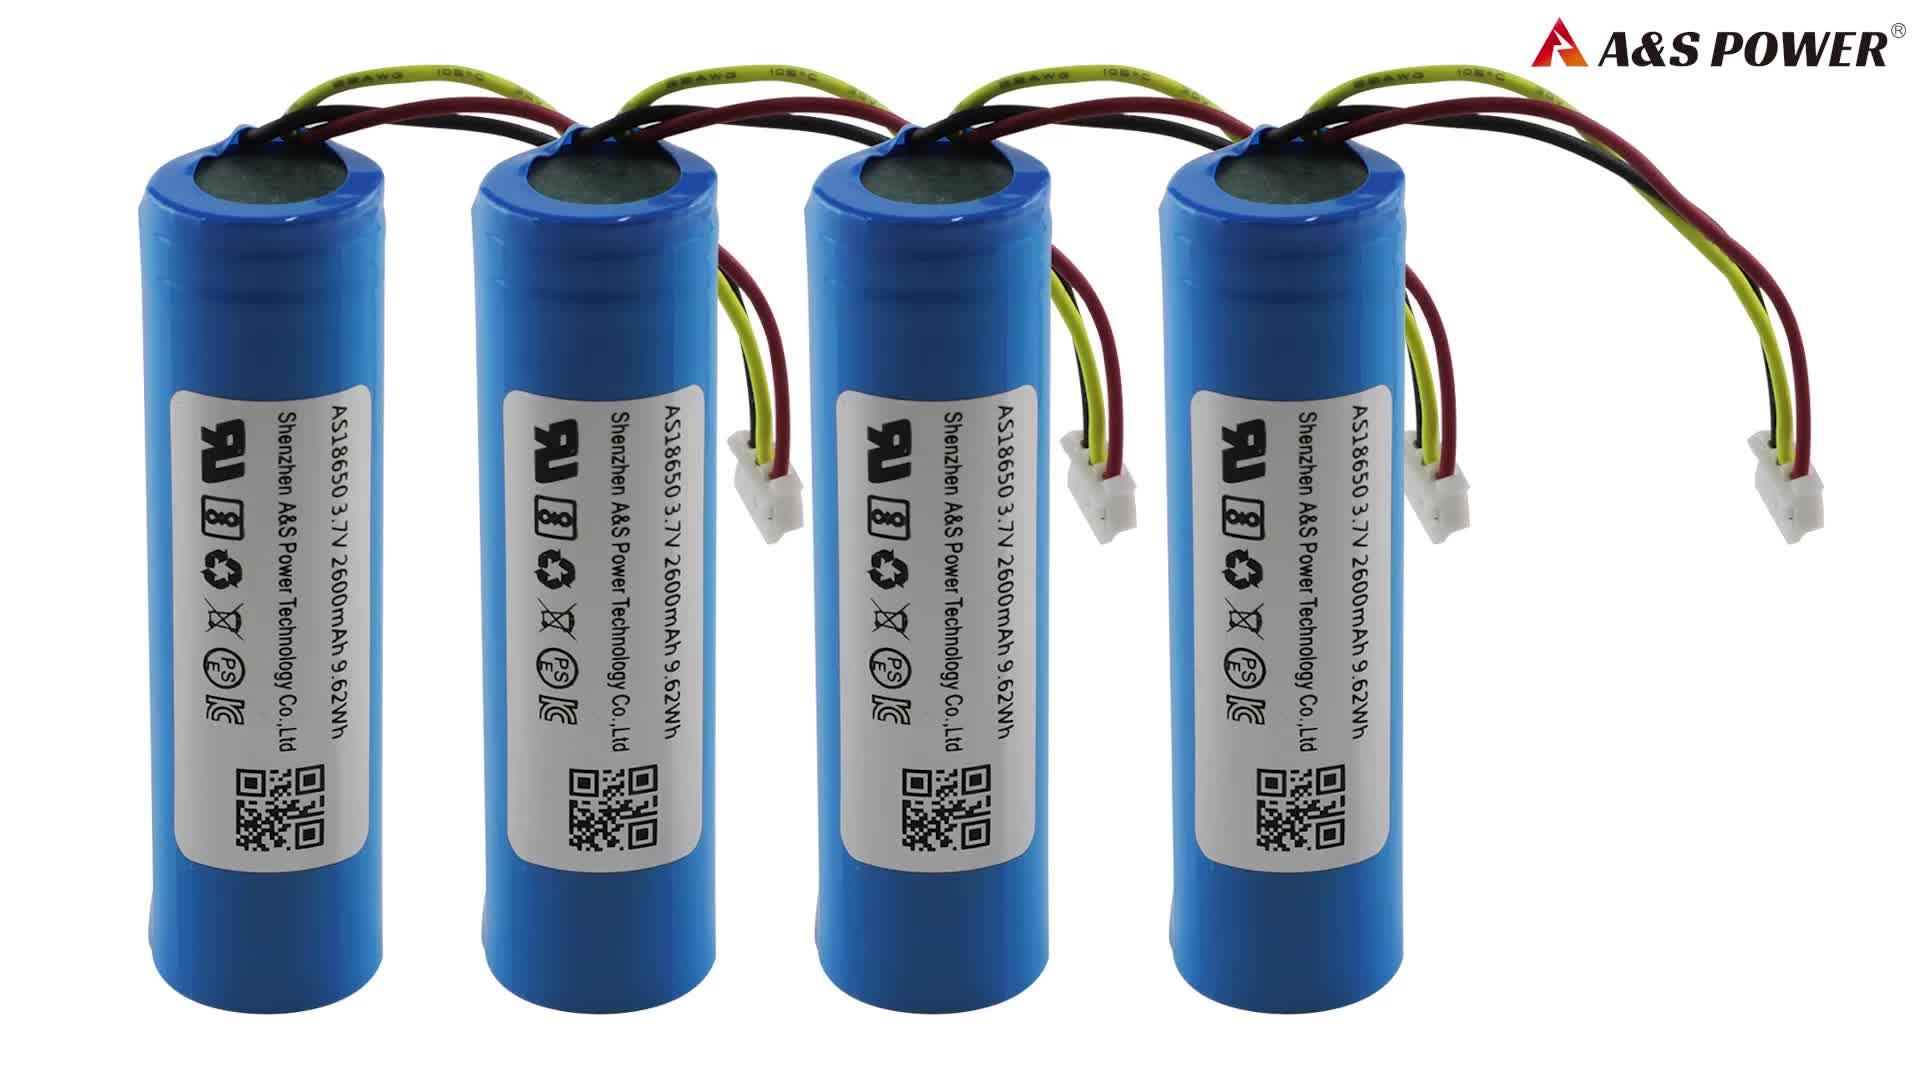 Batterie ricaricabili agli ioni di litio della batteria 3.7v 2000 celle 18650 mah per la banca di potere